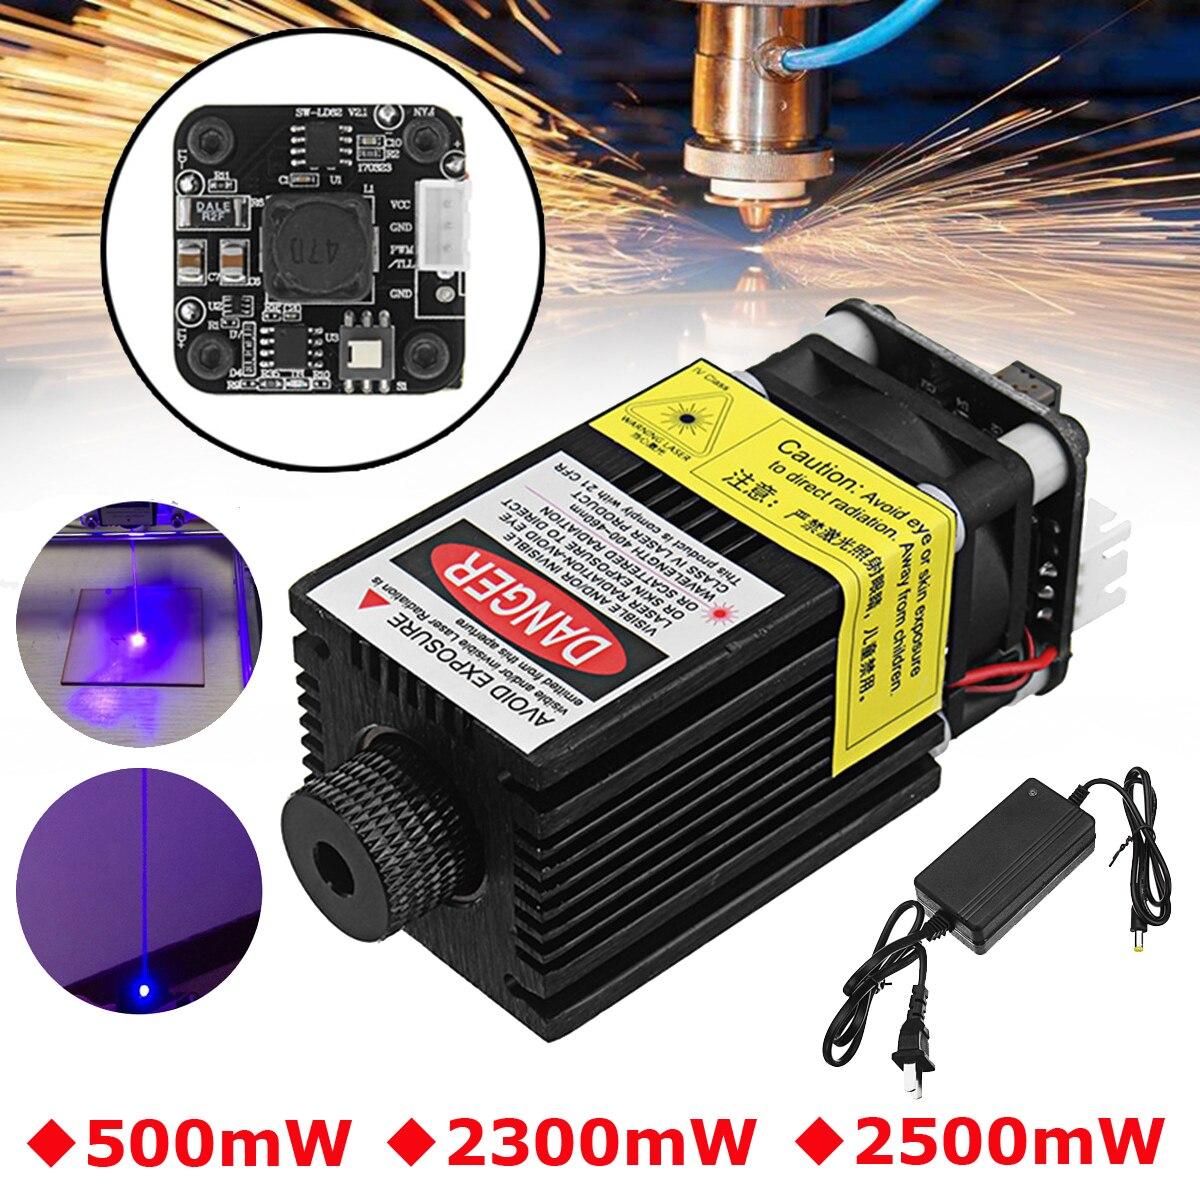 2500/2300/500 МВт EleksMaker 405-445NM синий лазерный модуль 2,54-3 P ttl/ШИМ модуляция для DIY Лазерный гравер